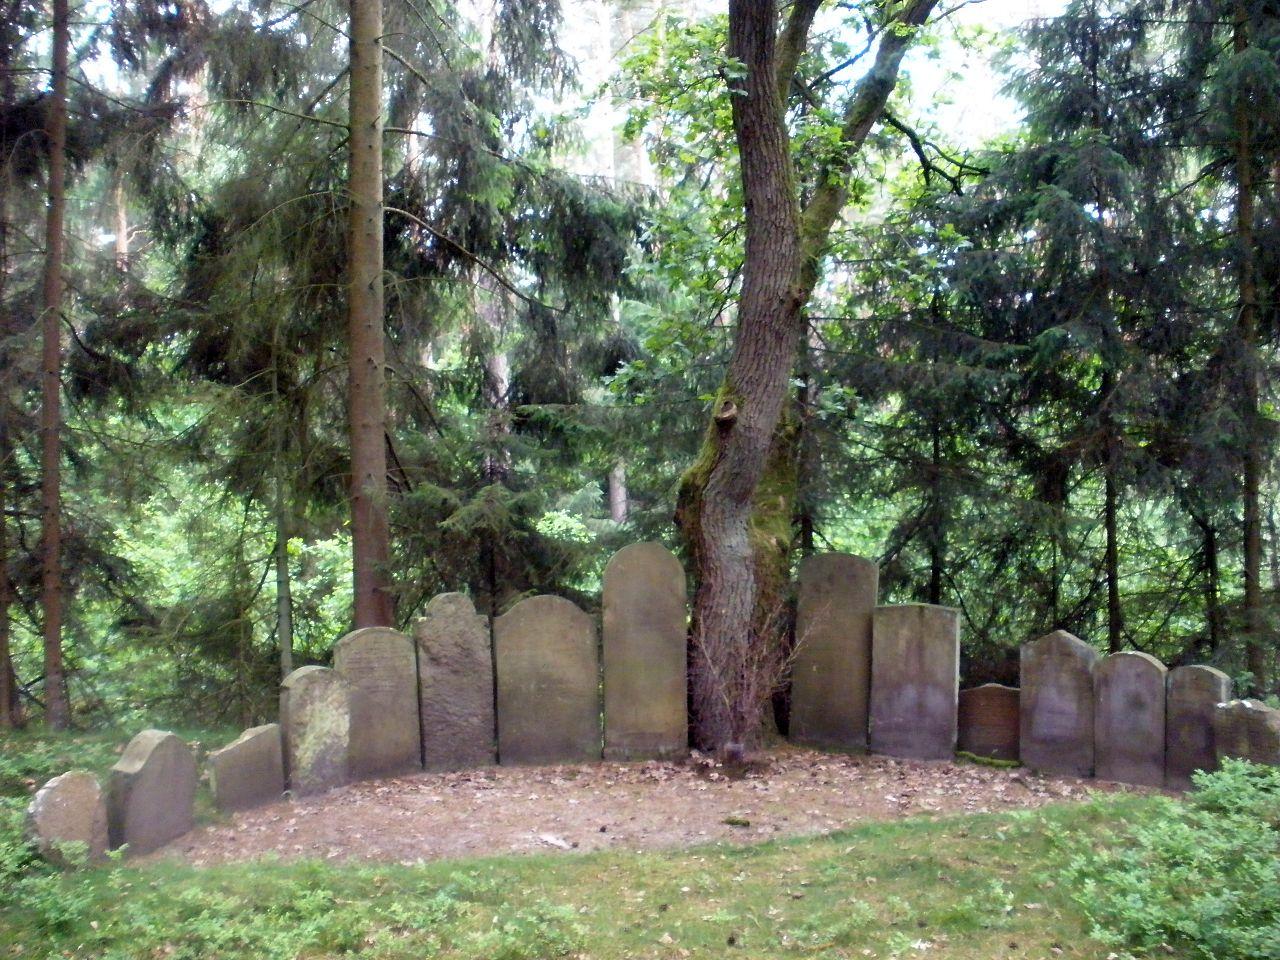 Jüdischer-friedhof-bleckede.JPG